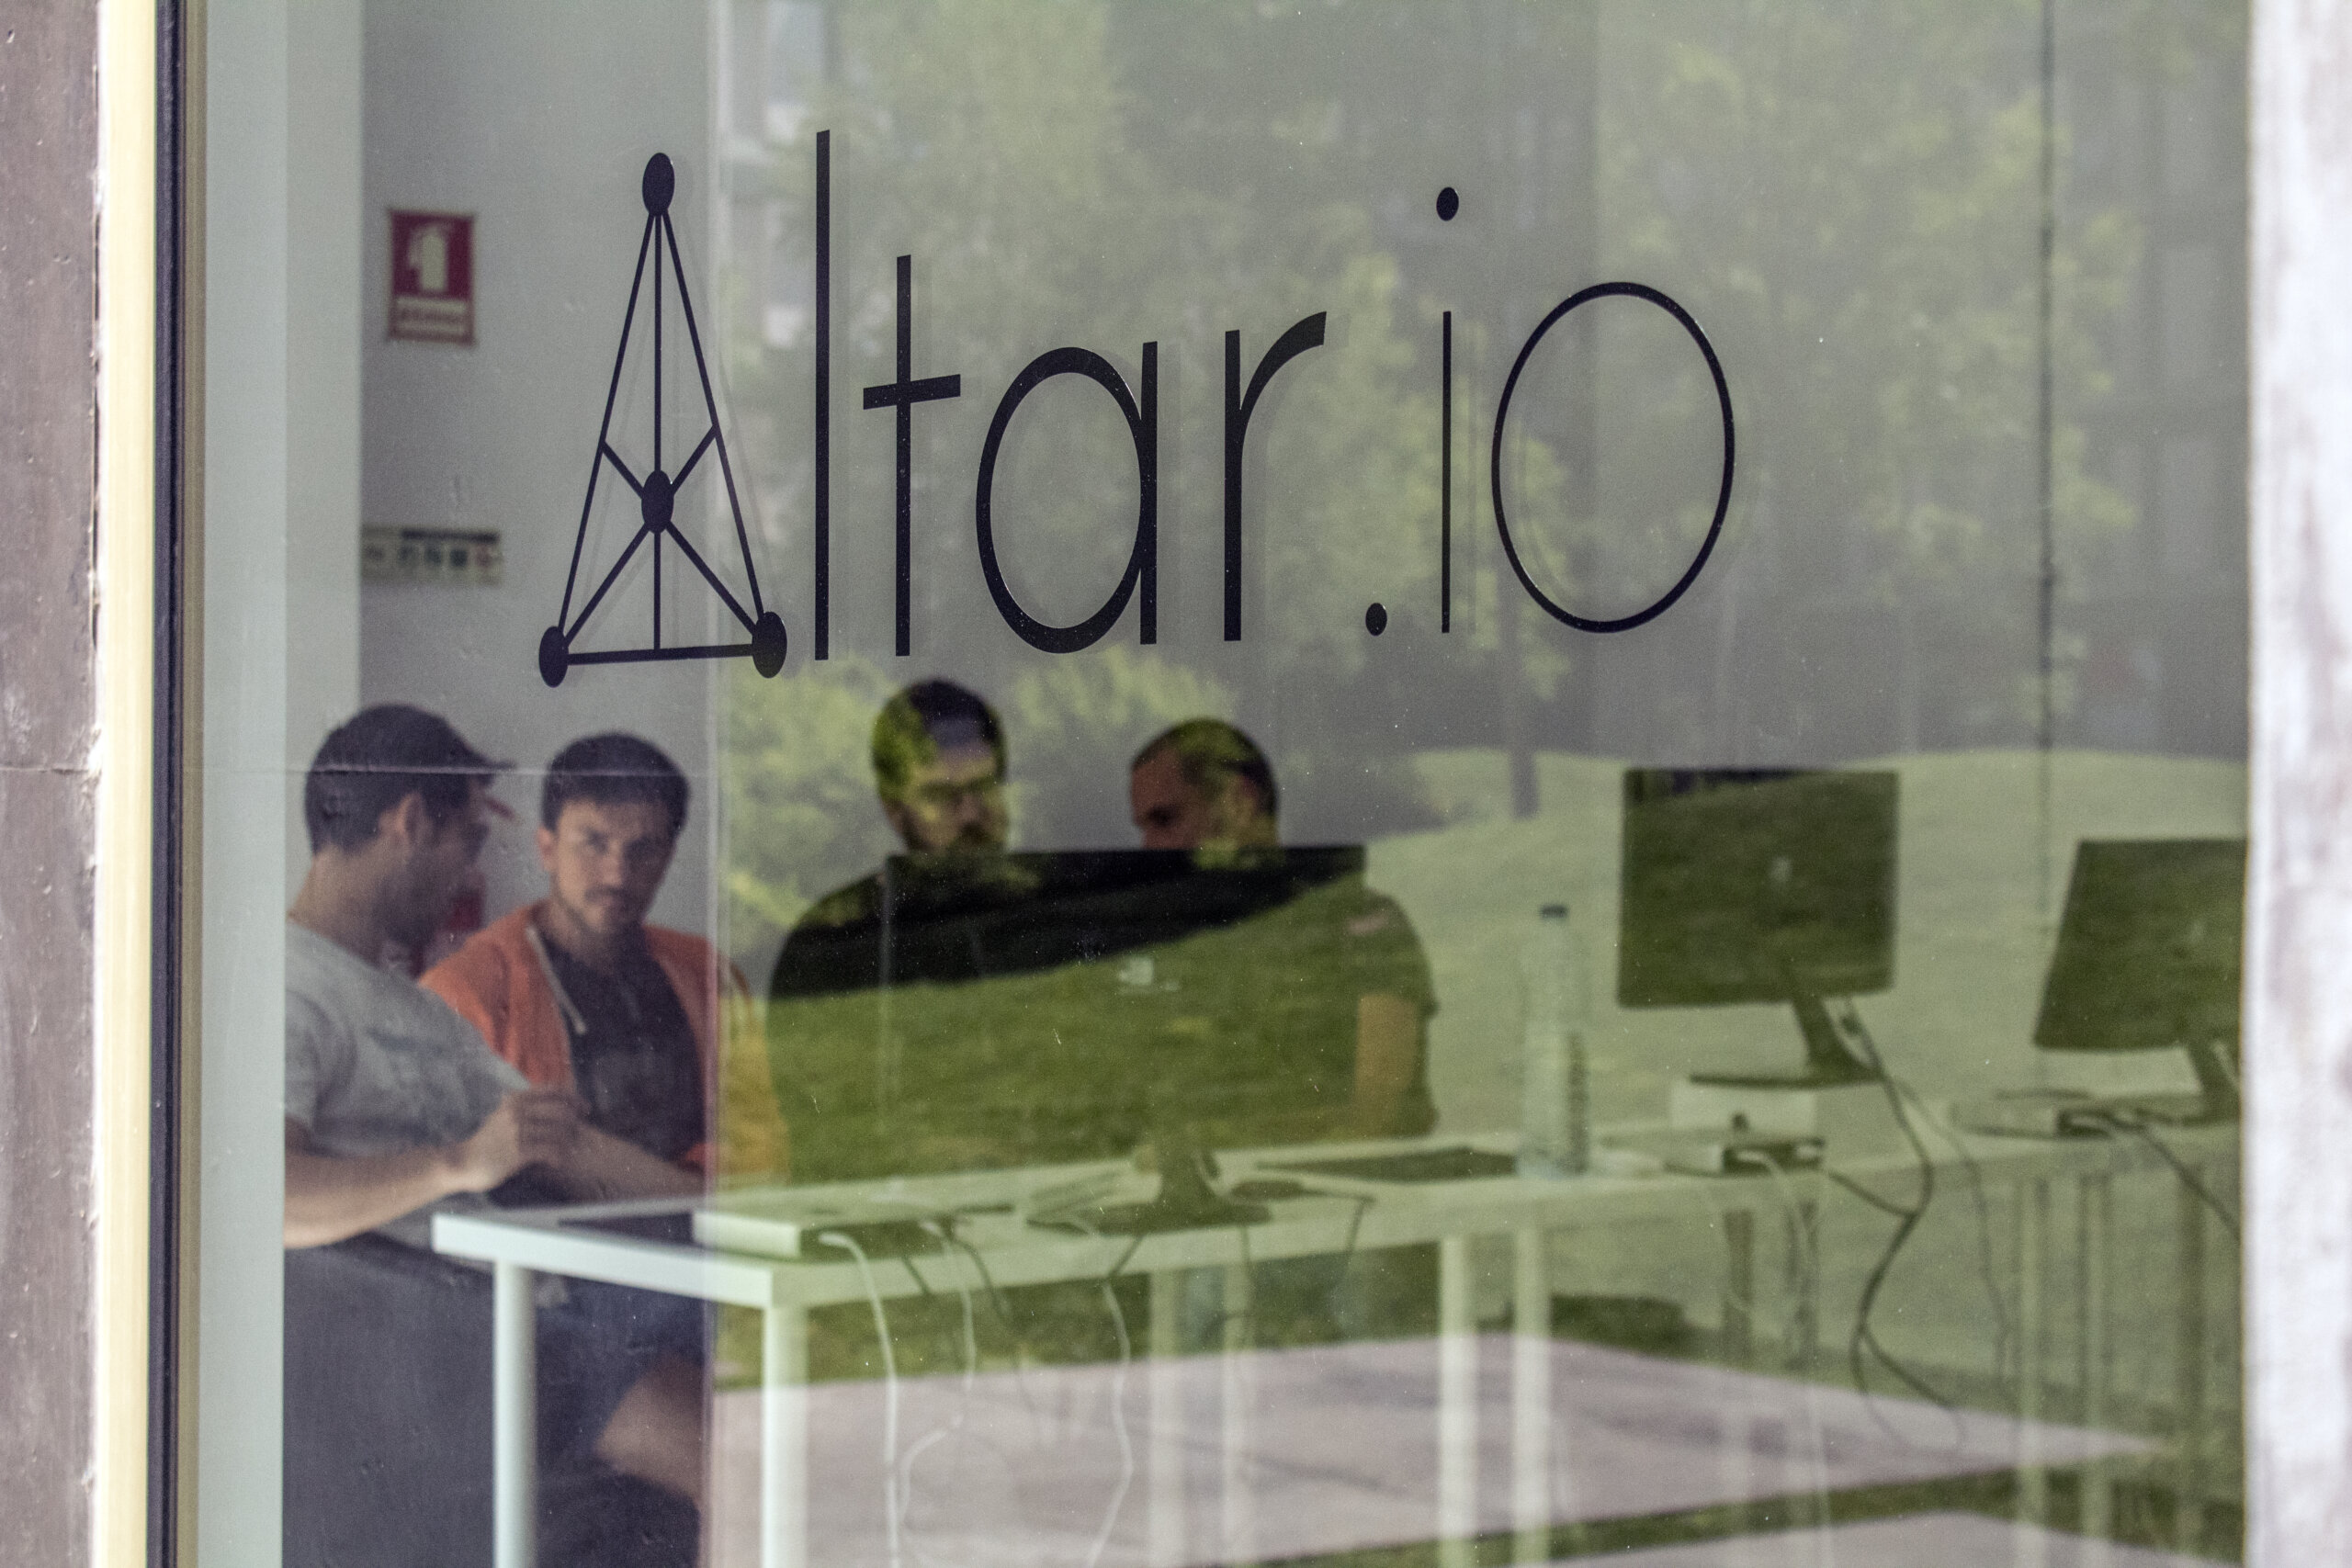 Altar.io - Team photo 6